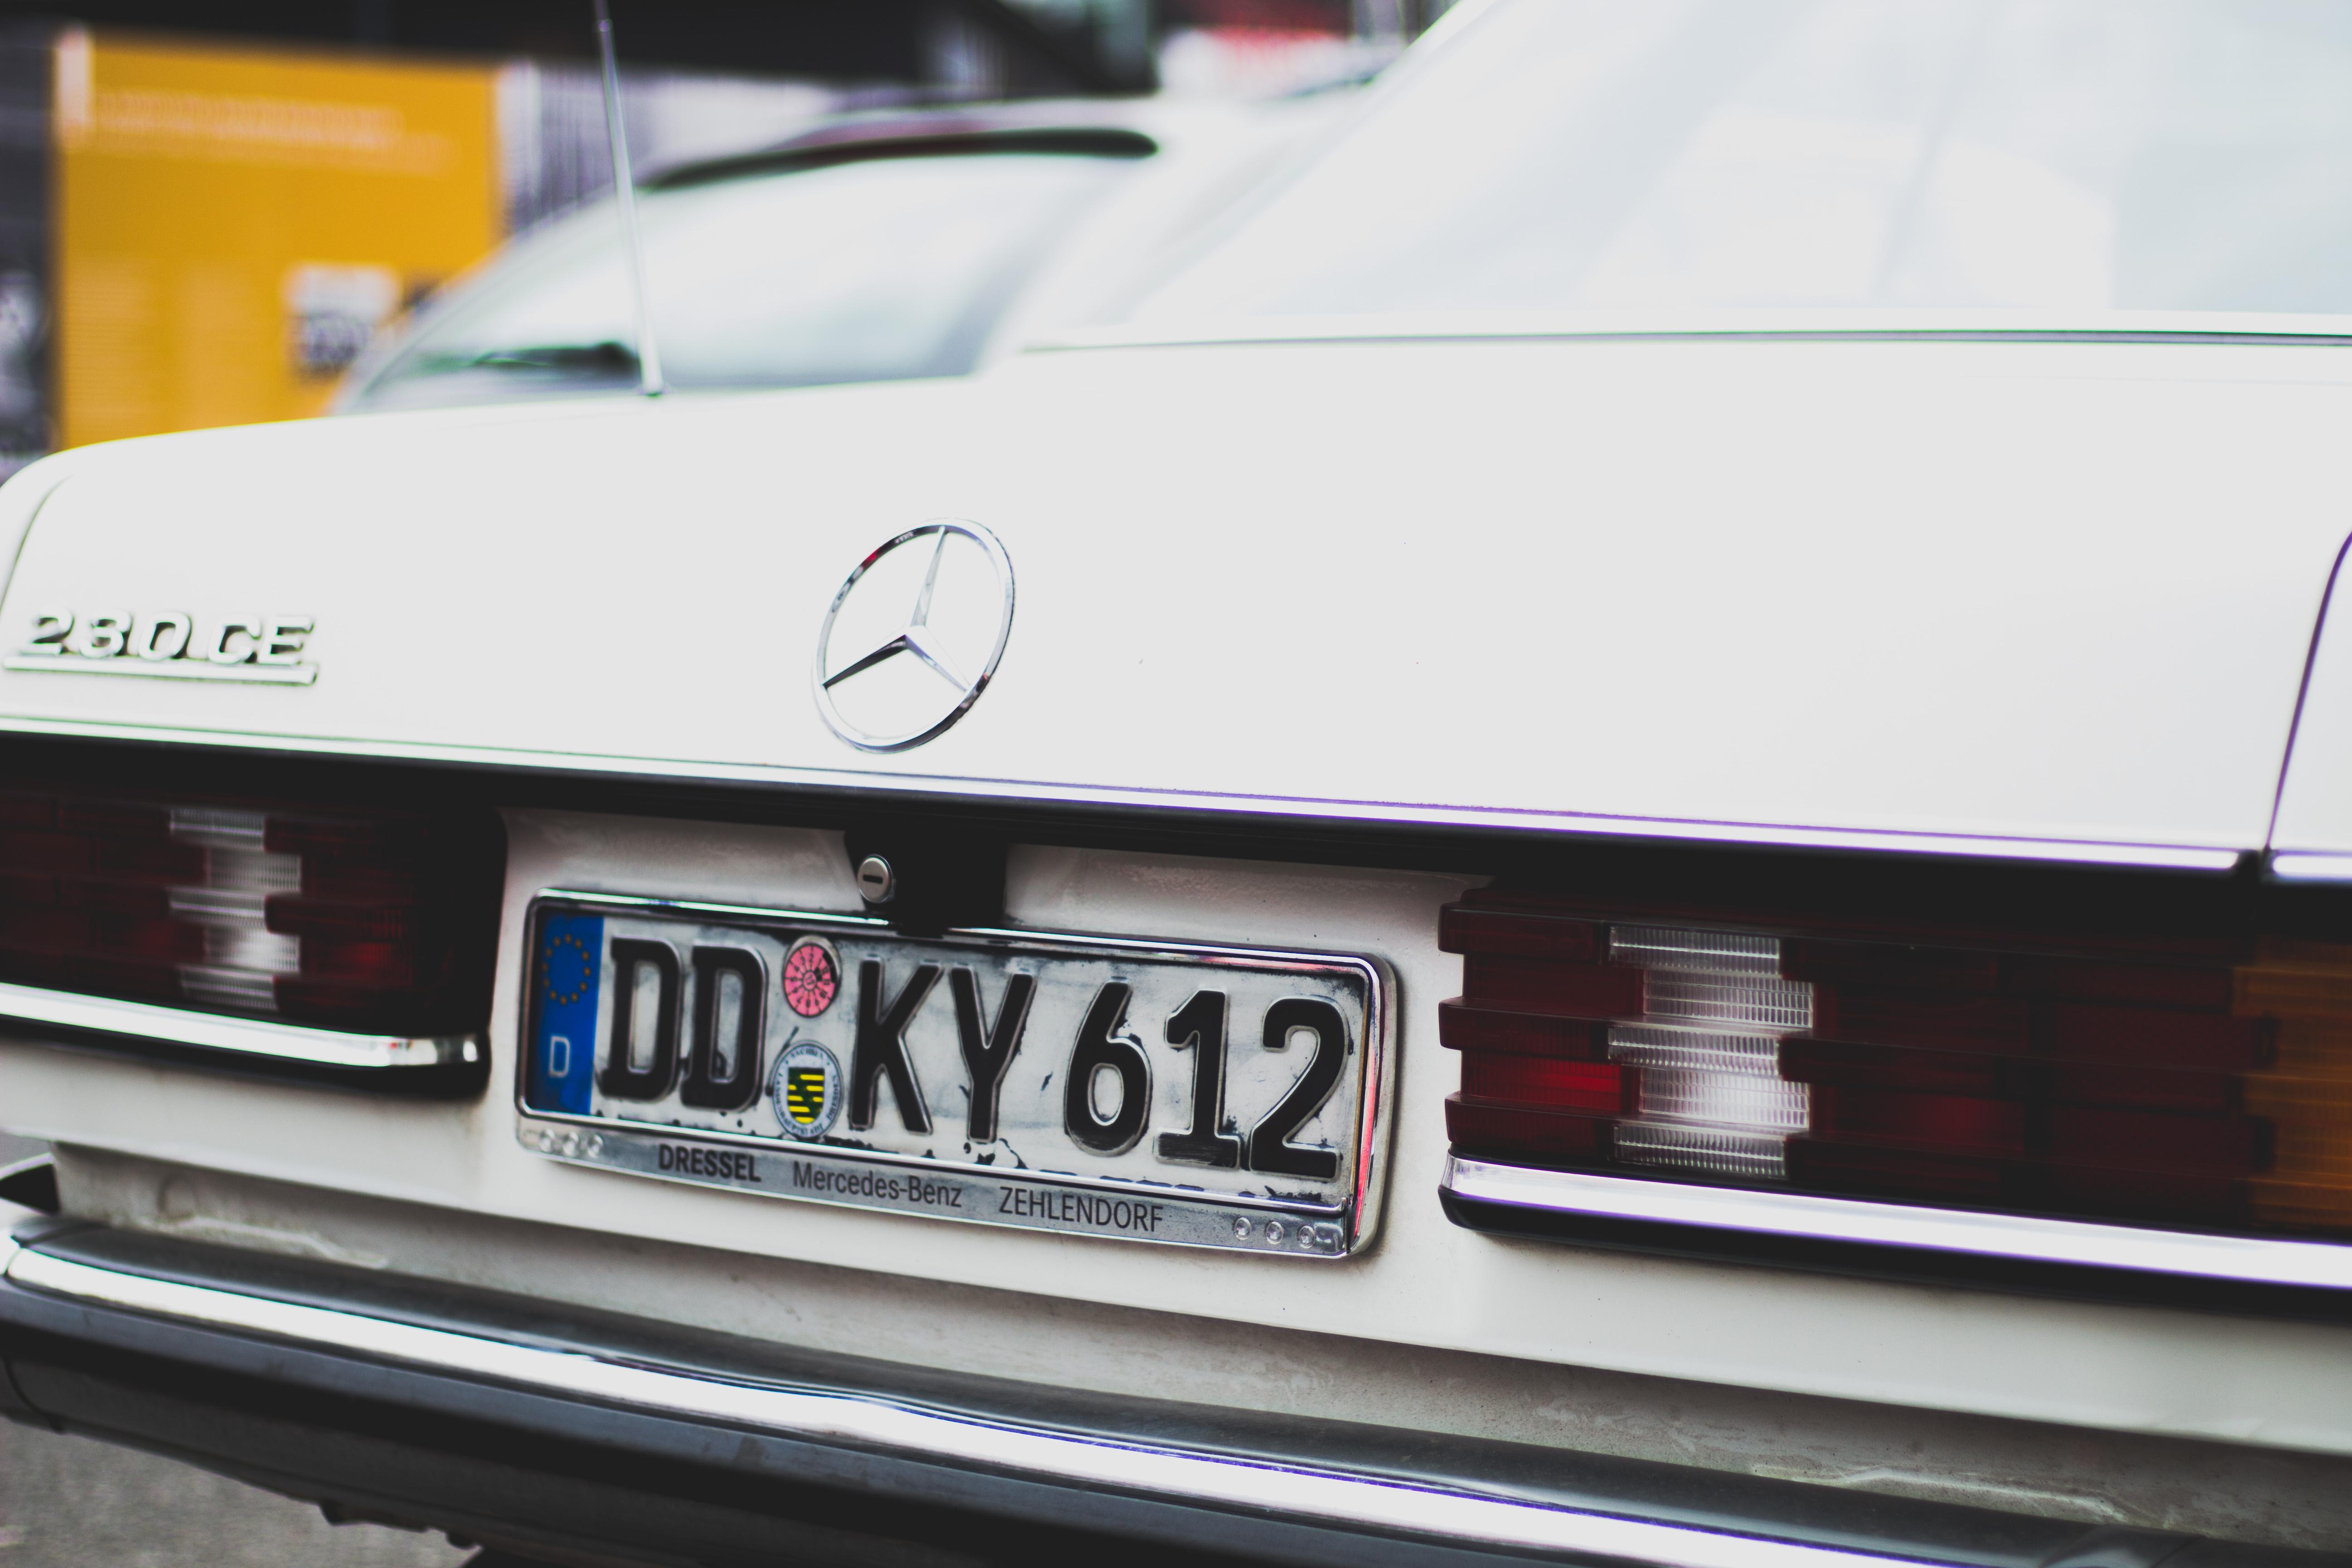 Free Images : wheel, number, motor vehicle, vintage car, bumper ...